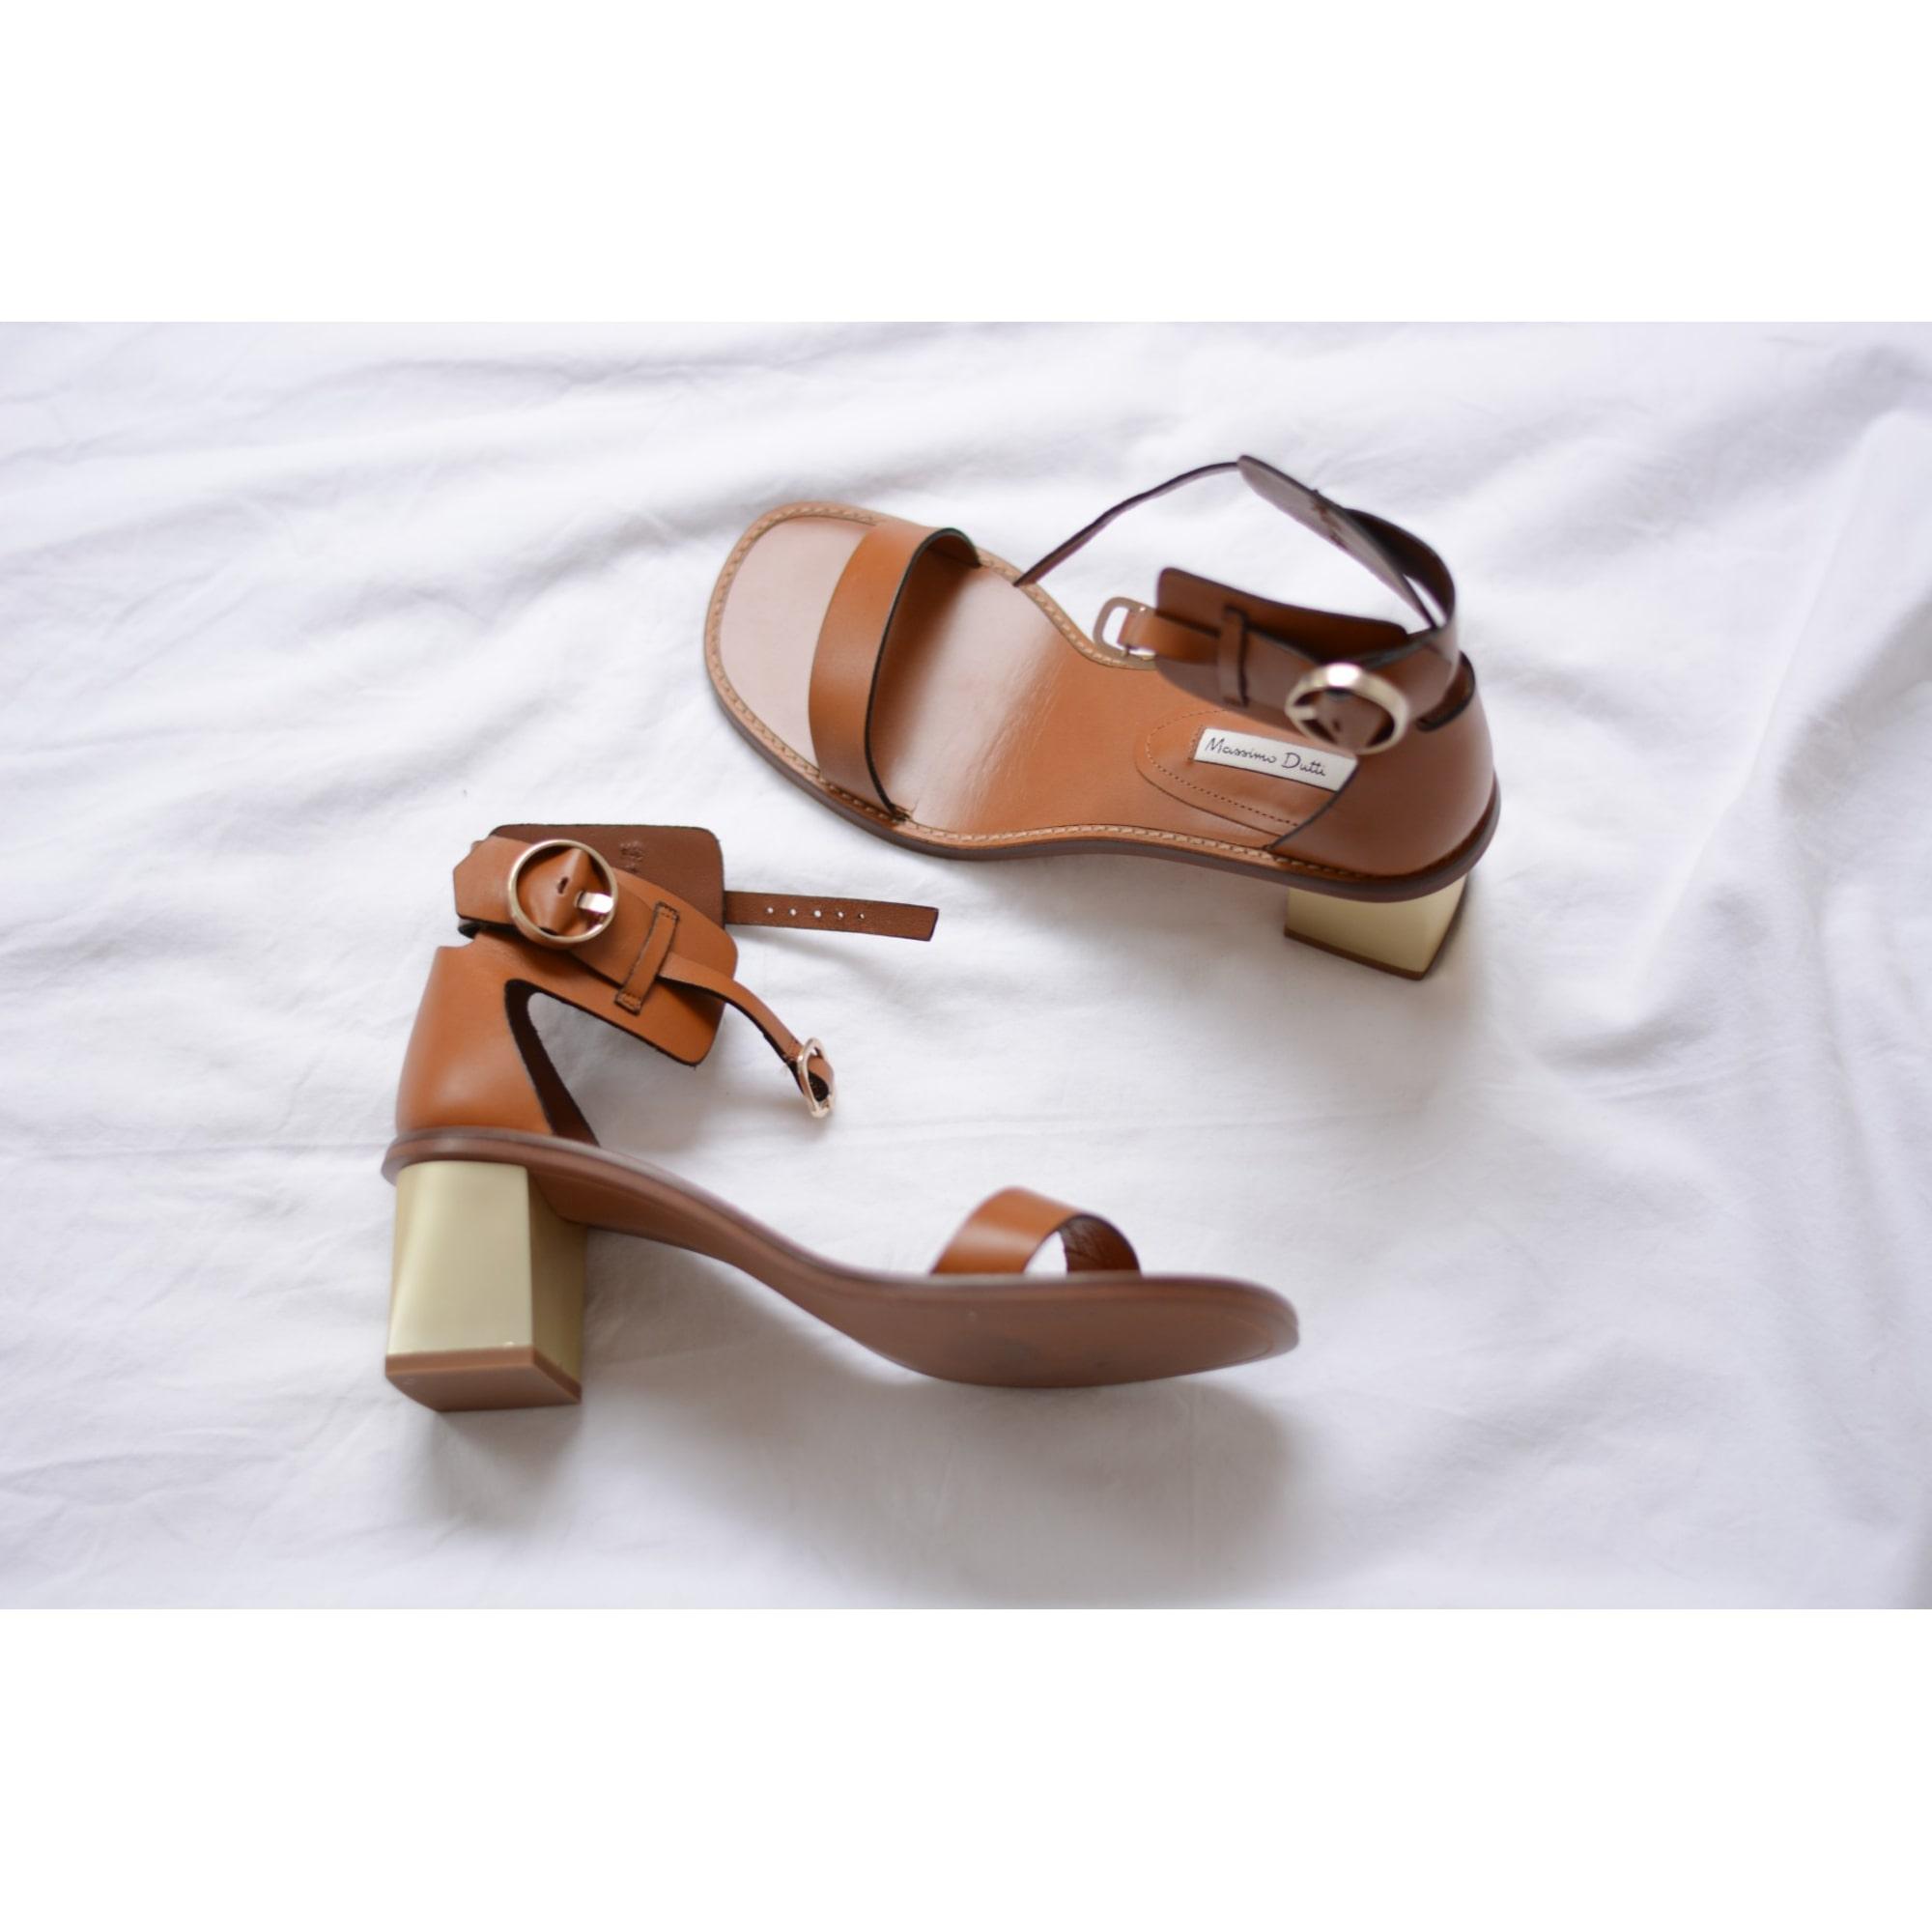 profiter du prix le plus bas comment acheter courir chaussures Heeled Sandals MASSIMO DUTTI